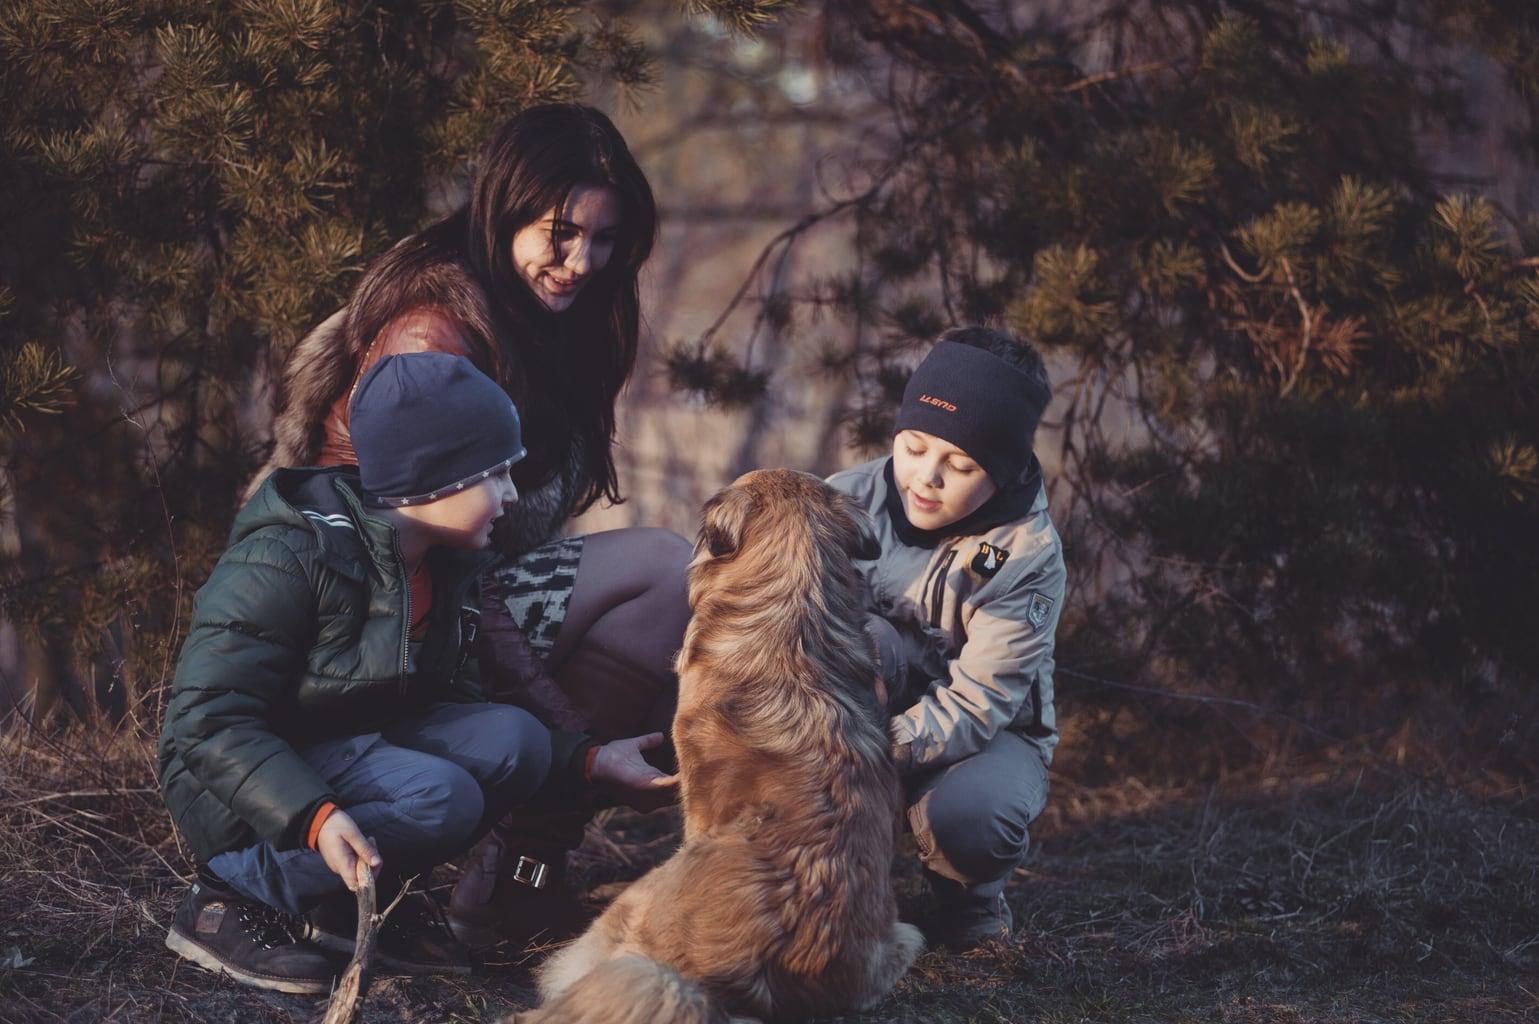 fotografía de una familia con su perro